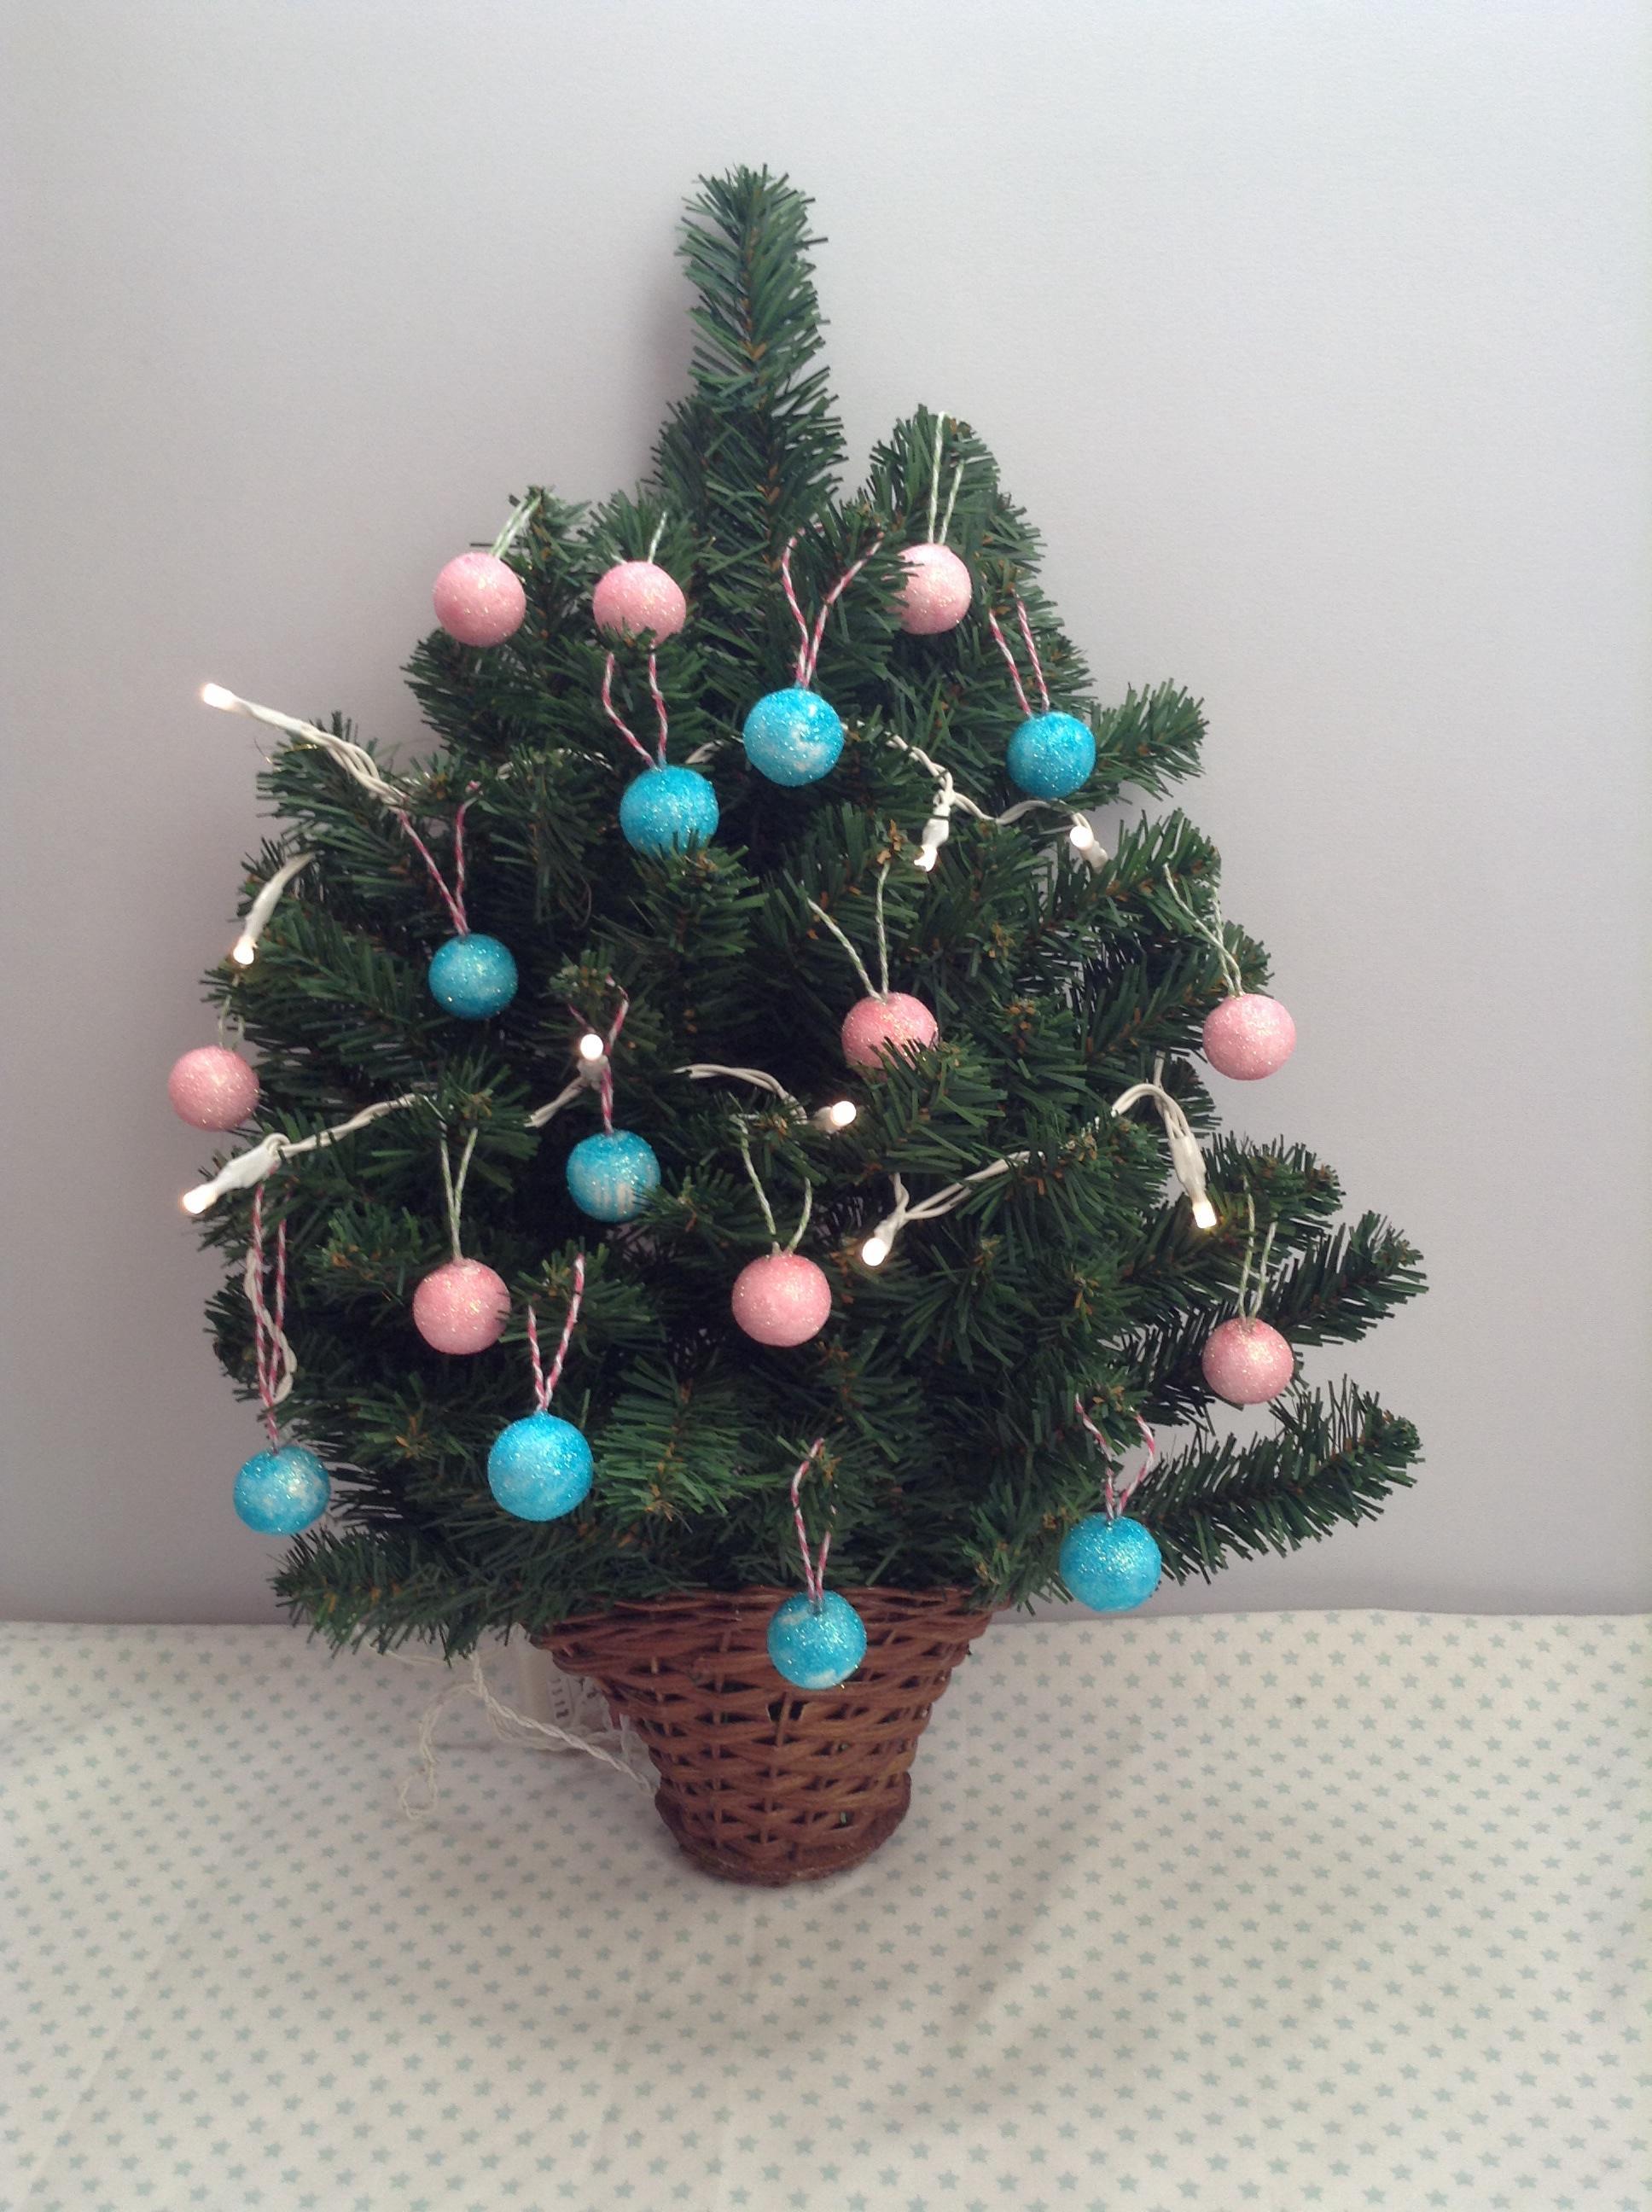 Preparando la navidad xi bolas de navidad caseras mifuku for Arbol de navidad pequeno